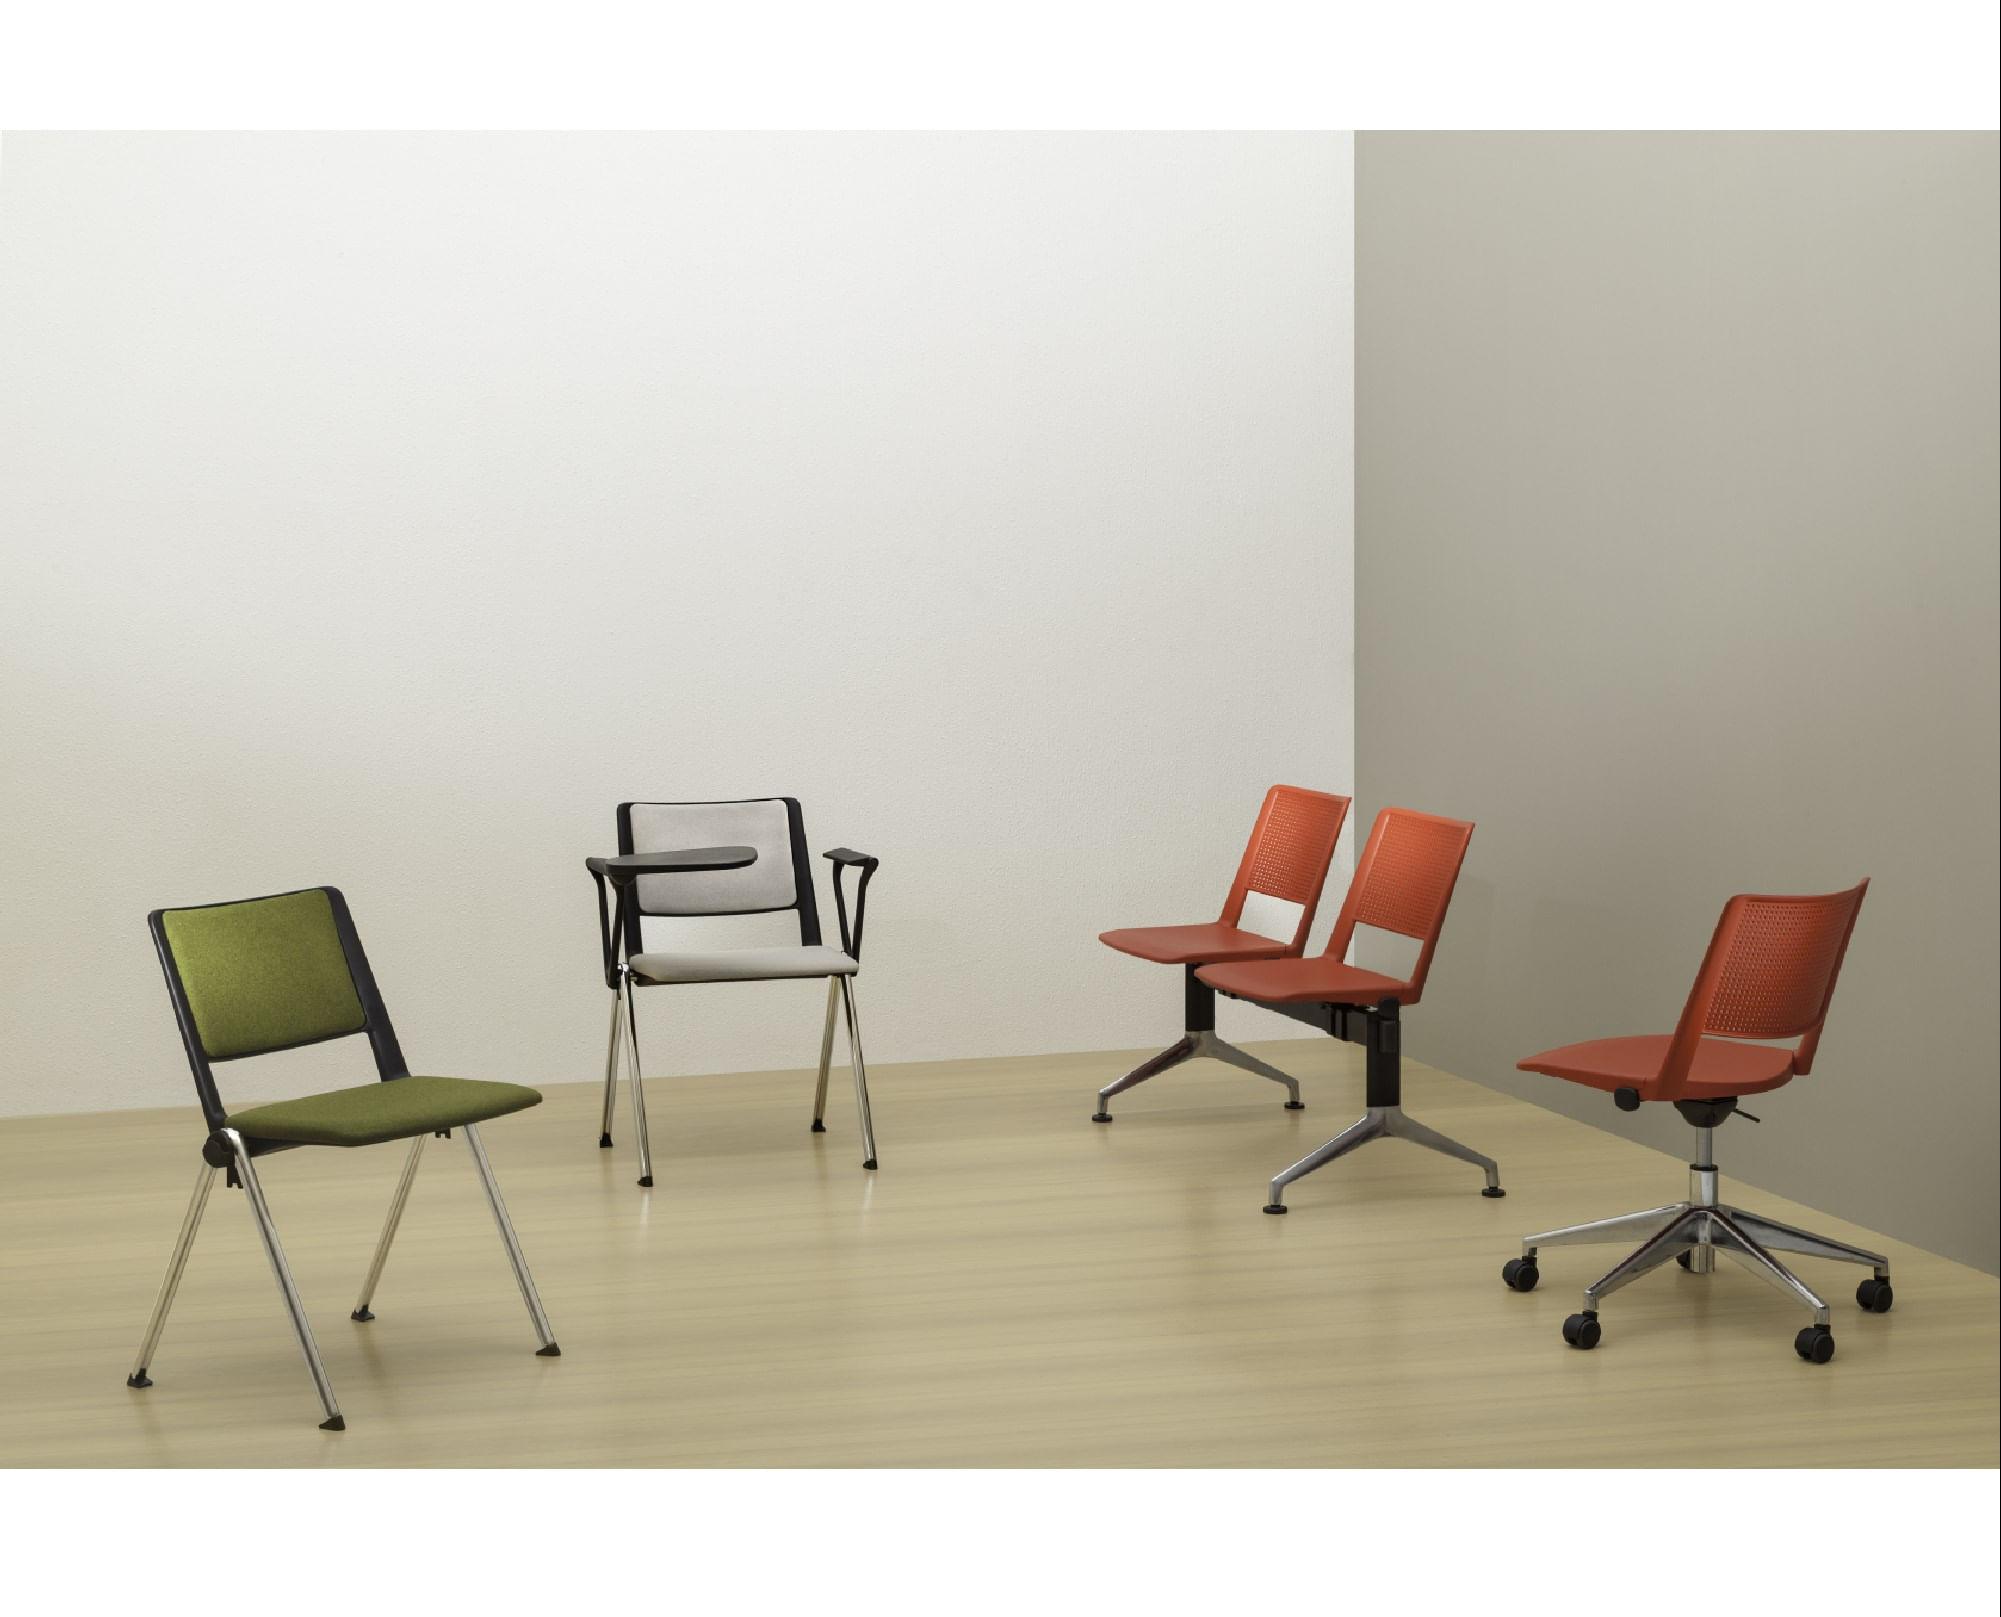 Kit 5 Cadeiras Up com Bracos Assento Vermelho Base Fixa Preta - 57840